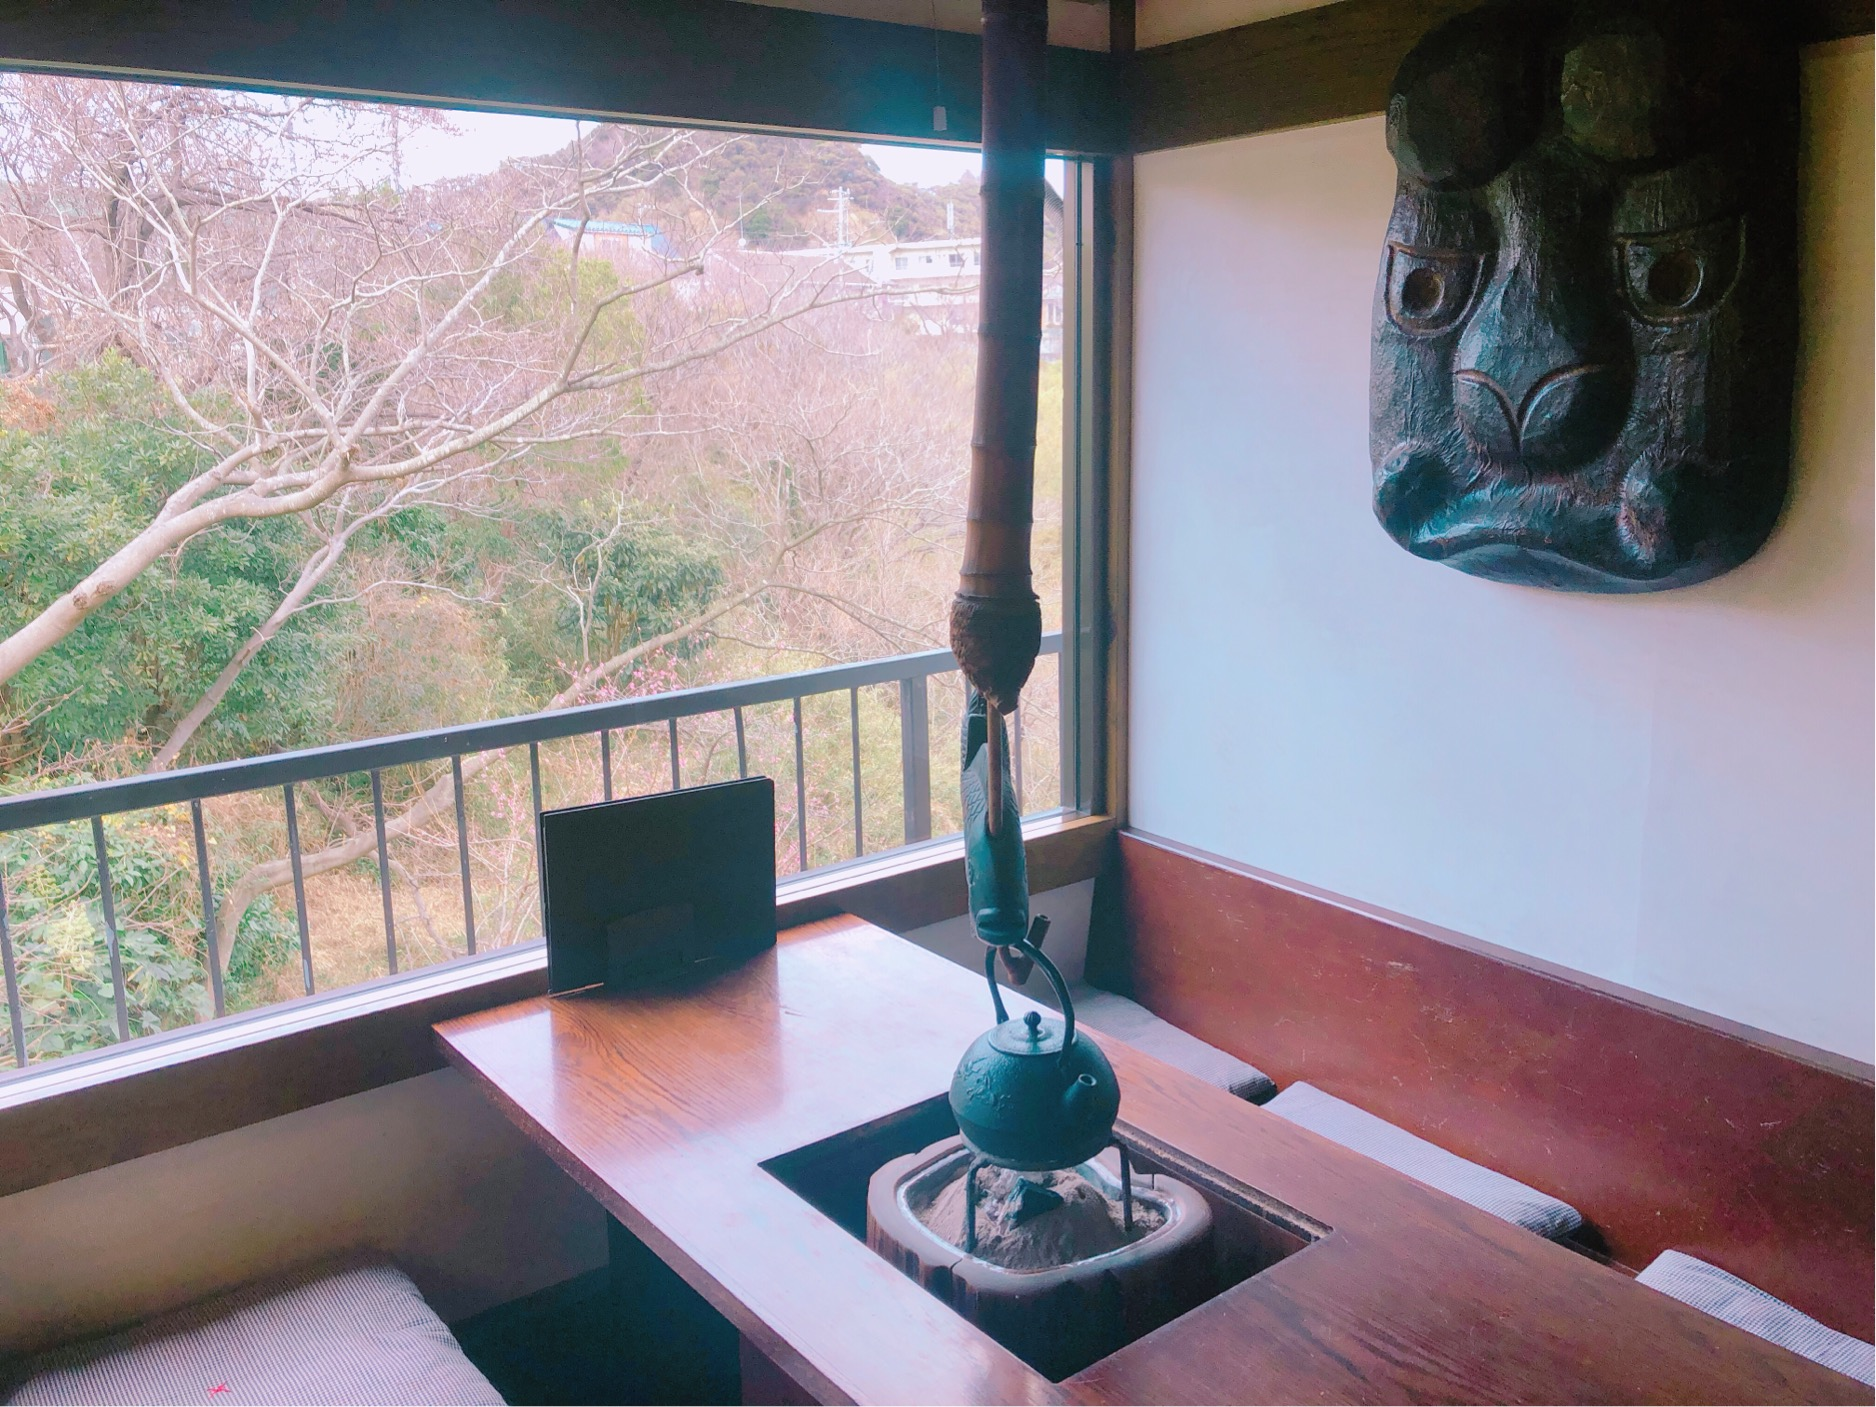 葉山日の出園、喫茶からの眺め。2月末には、ほのかに色づく梅も見られるカフェ。